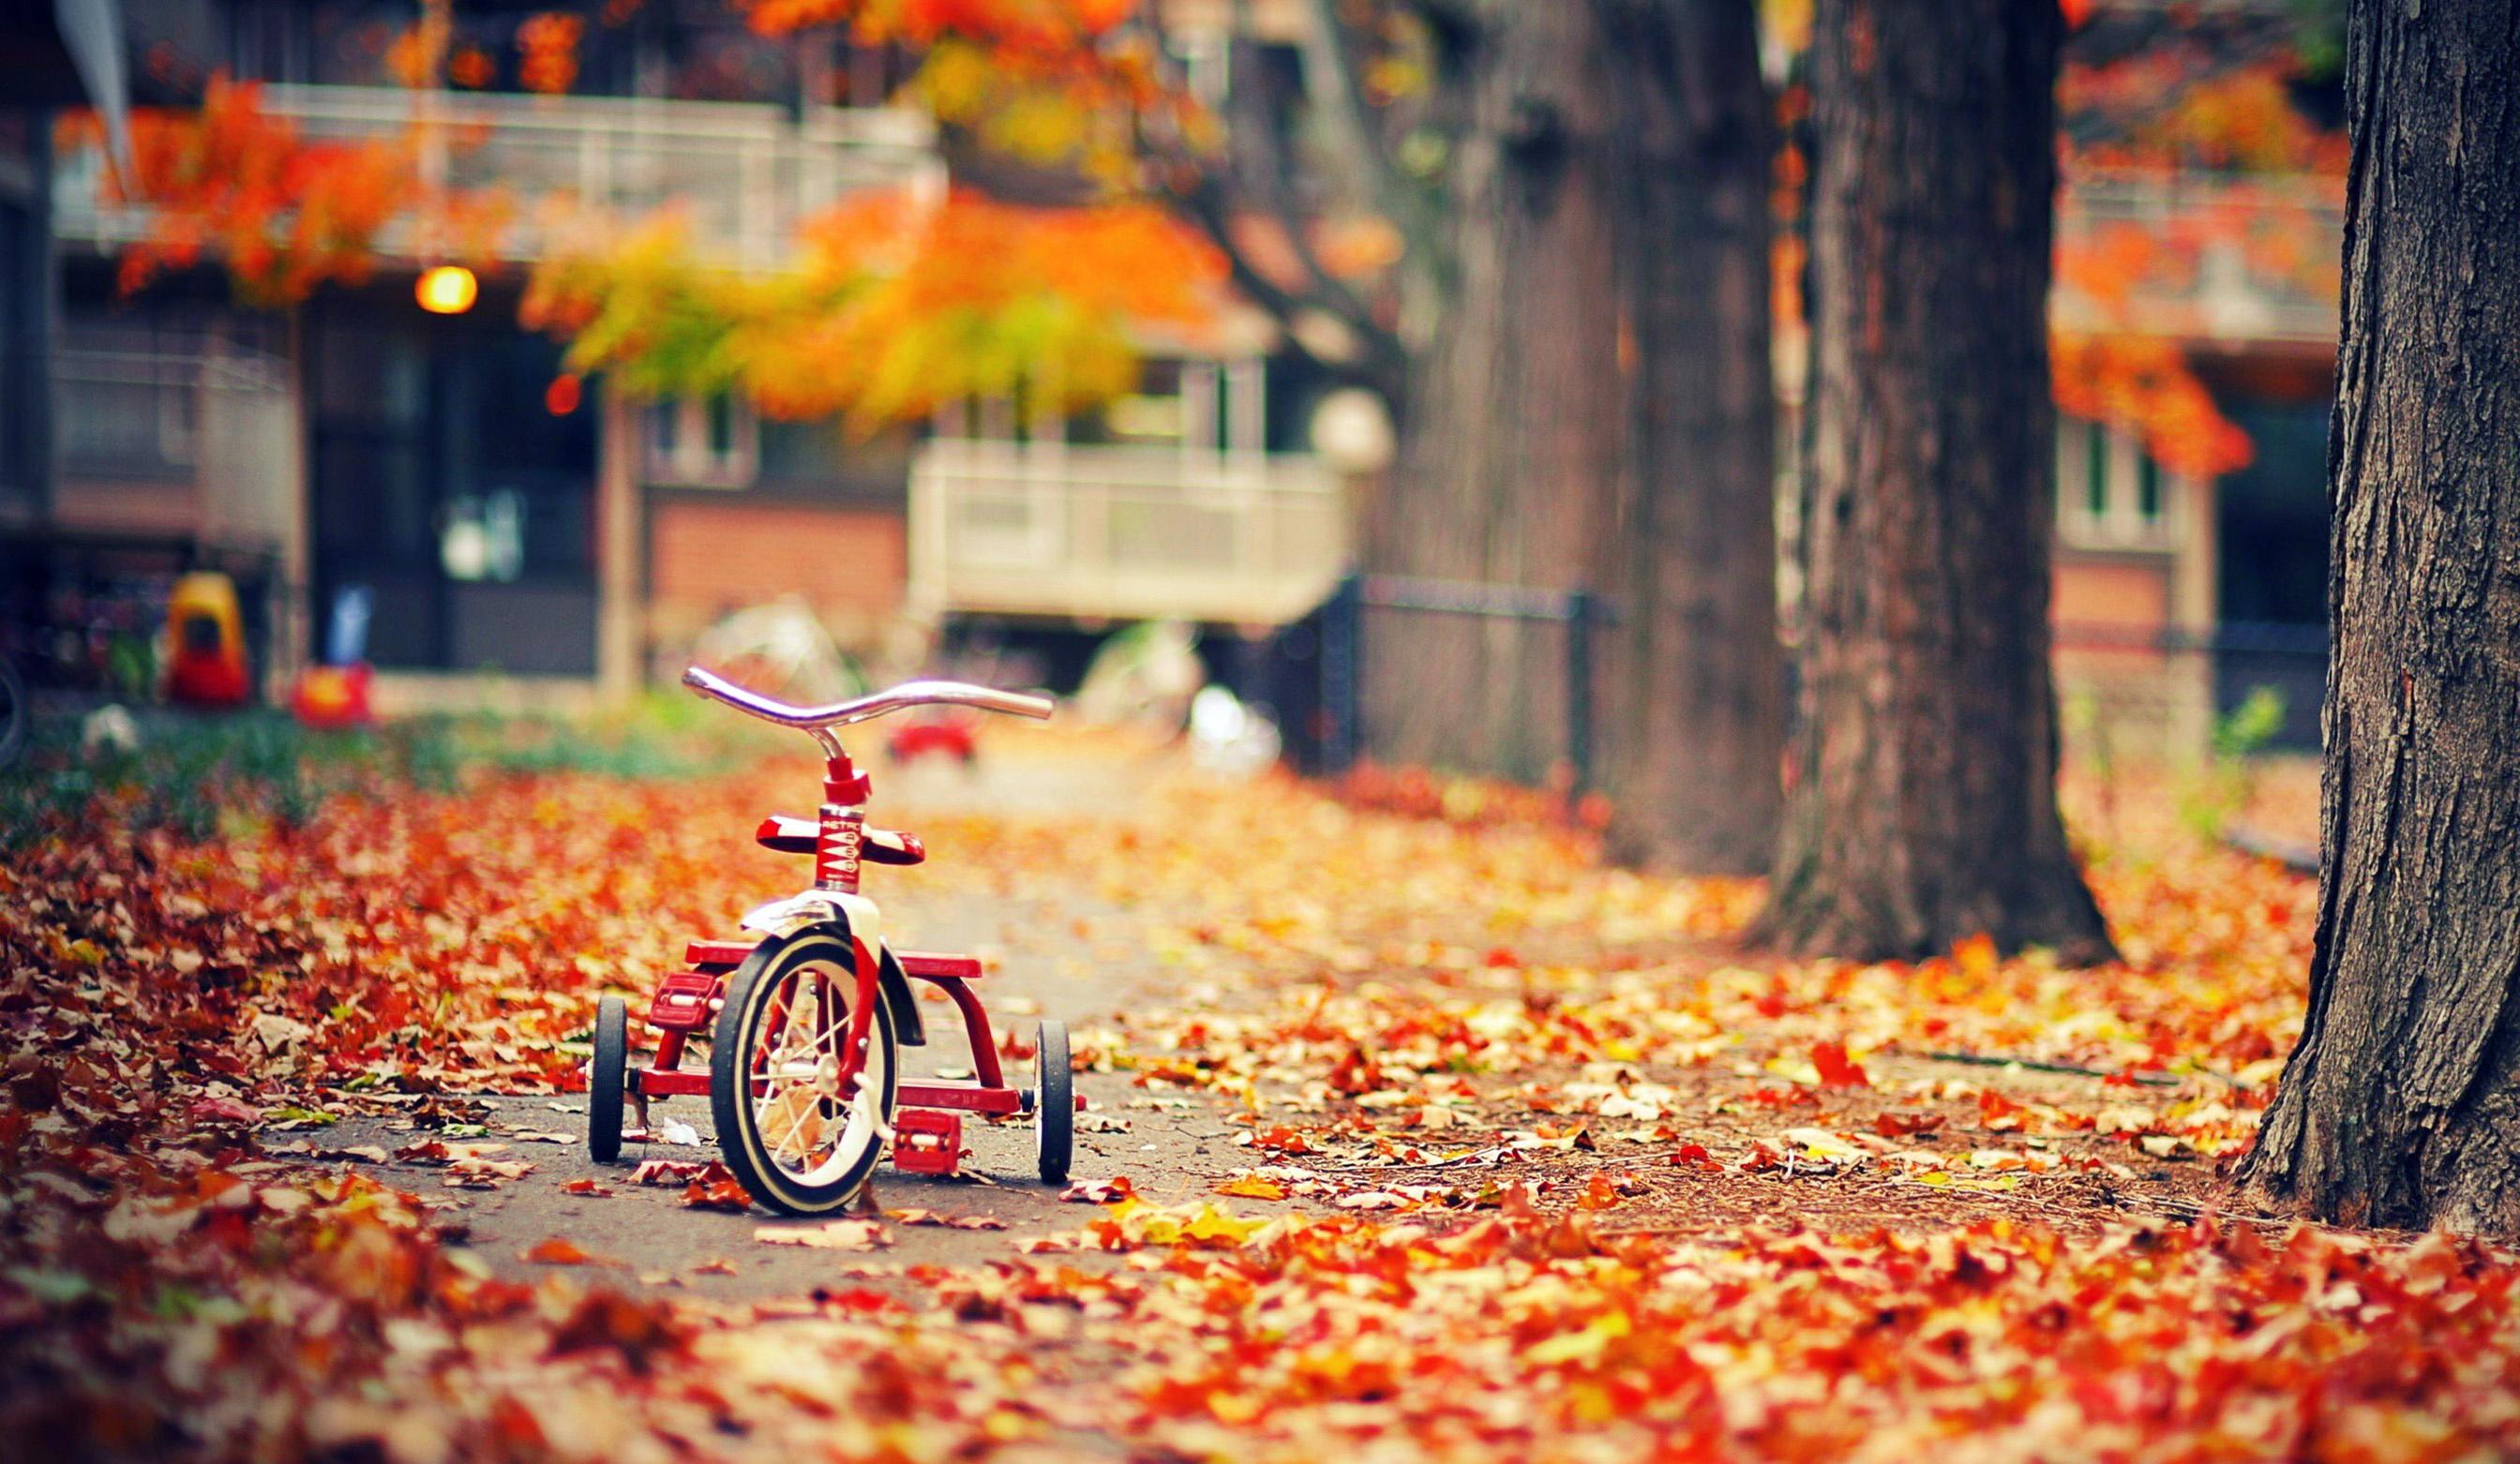 Hình nền : 2688x1562 px, Hình nền mùa thu, Hình ảnh thành phố, Cityscapes, Phong cảnh, Hình ảnh tình yêu, Yêu hình nền, Đặt hình nền, Ảnh mùa, các mùa, Ảnh ...